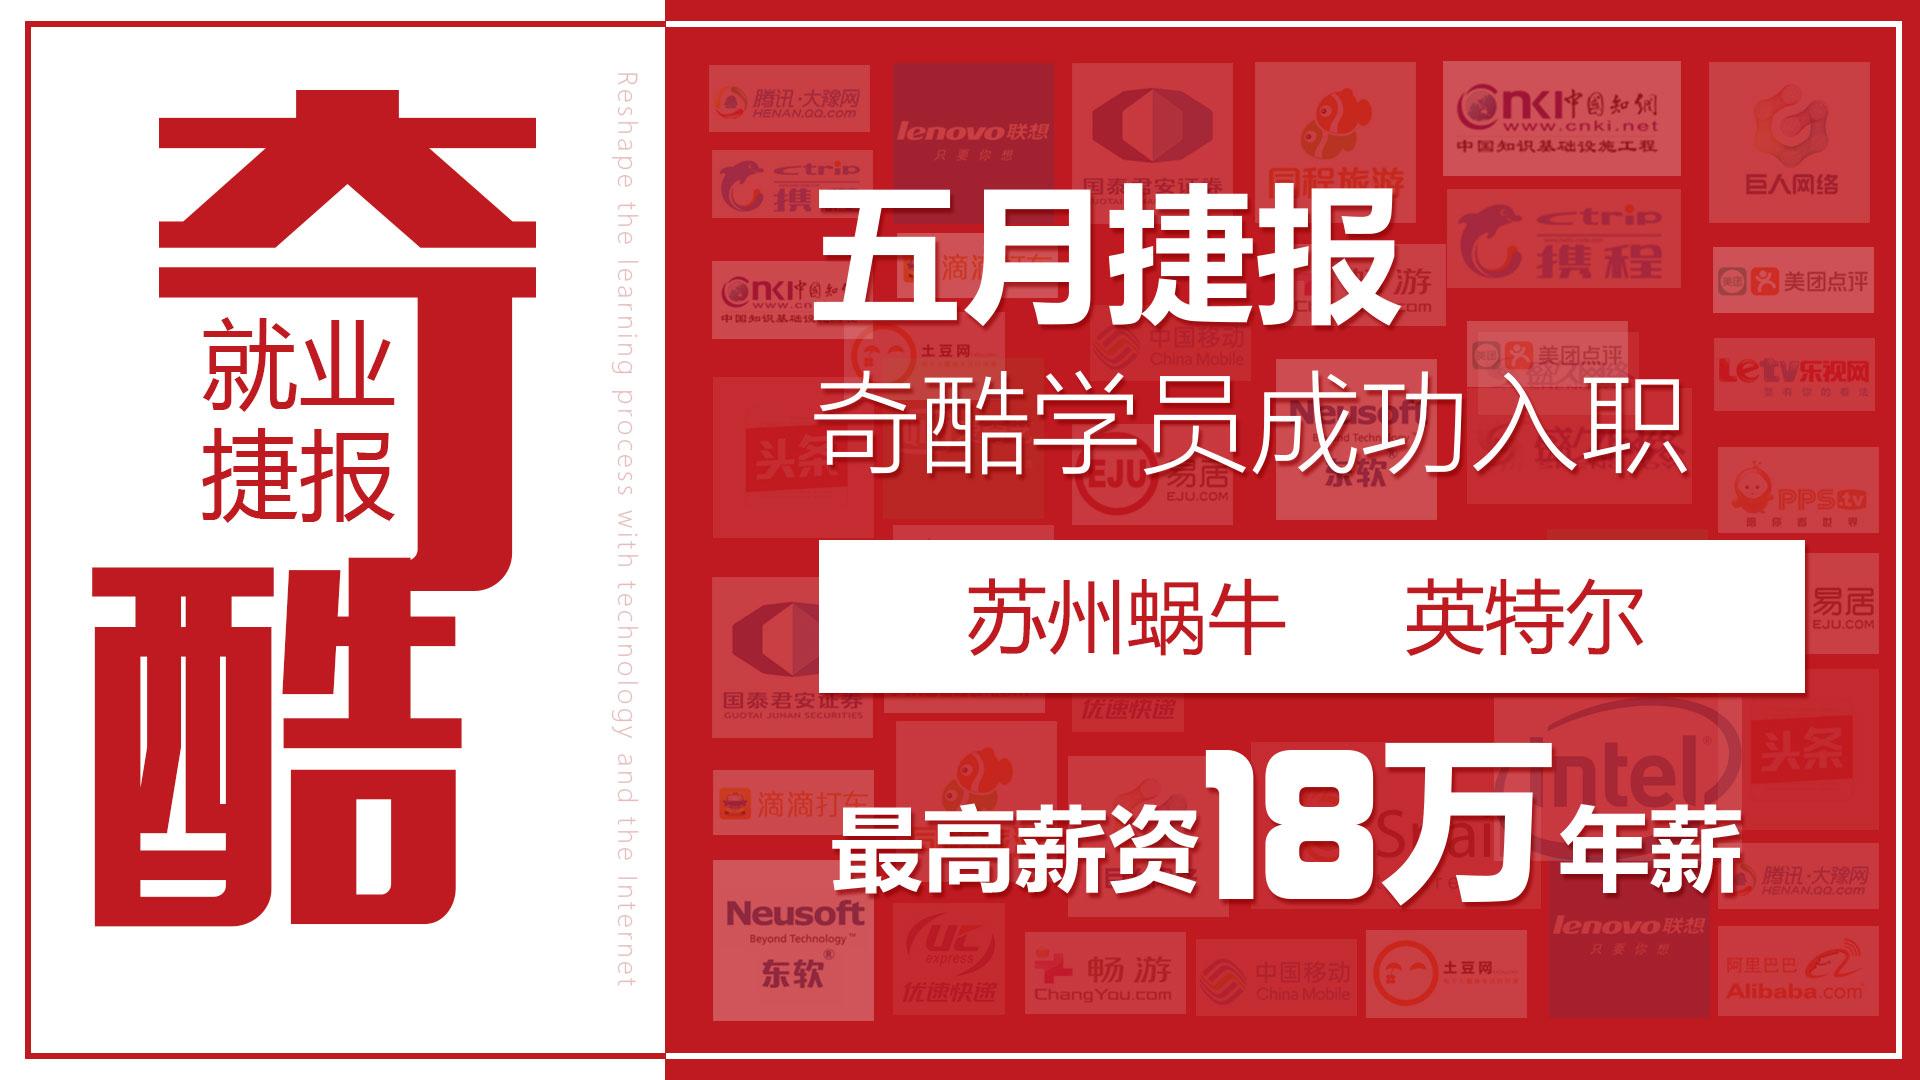 五月捷报 奇酷学员入职苏州蜗牛、上海英特尔 拿下股权高薪